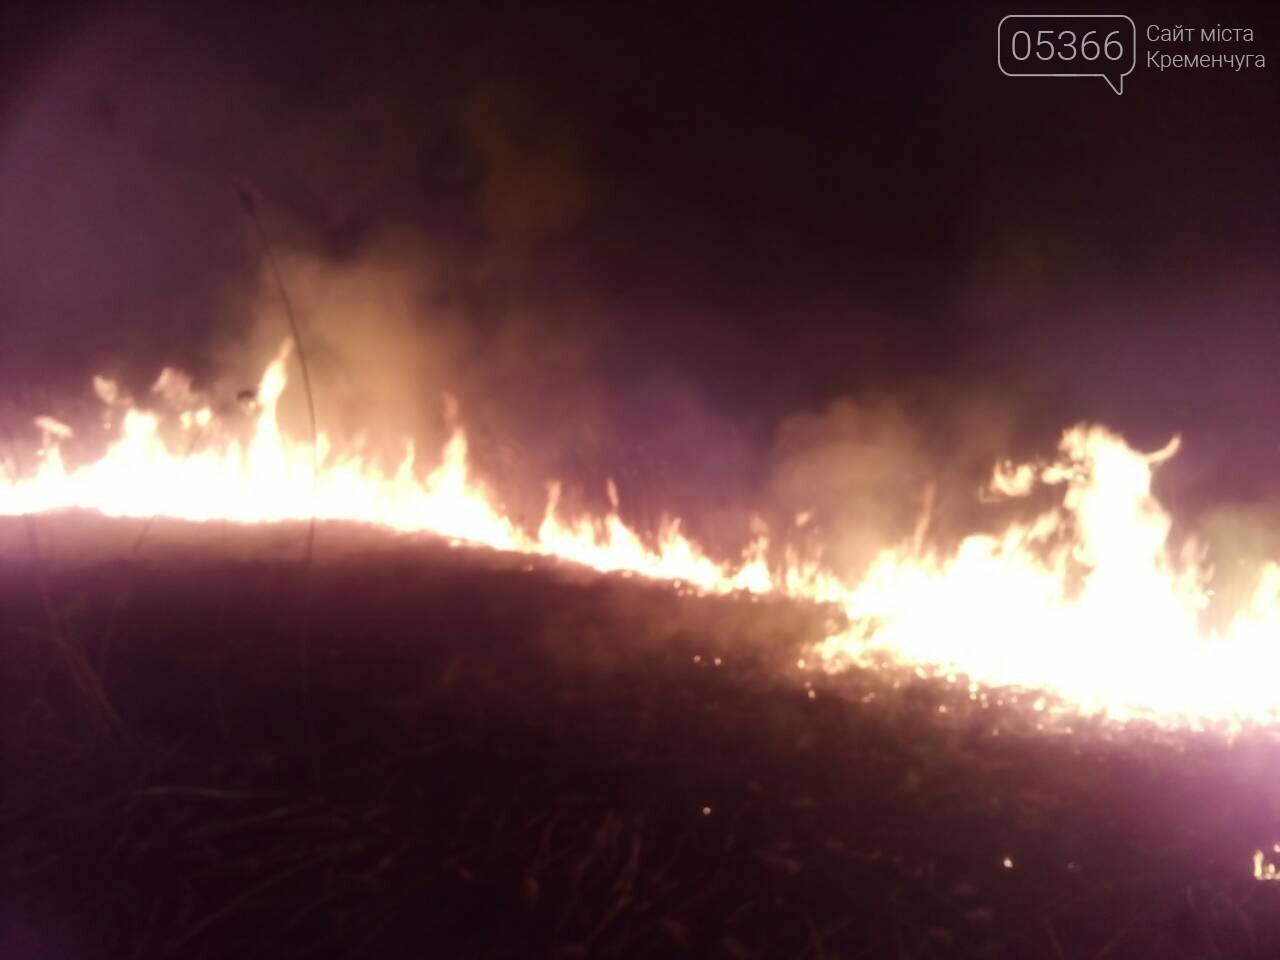 У Кременчуцькому районі вигоріло п'ять гектарів сухої трави, фото-3